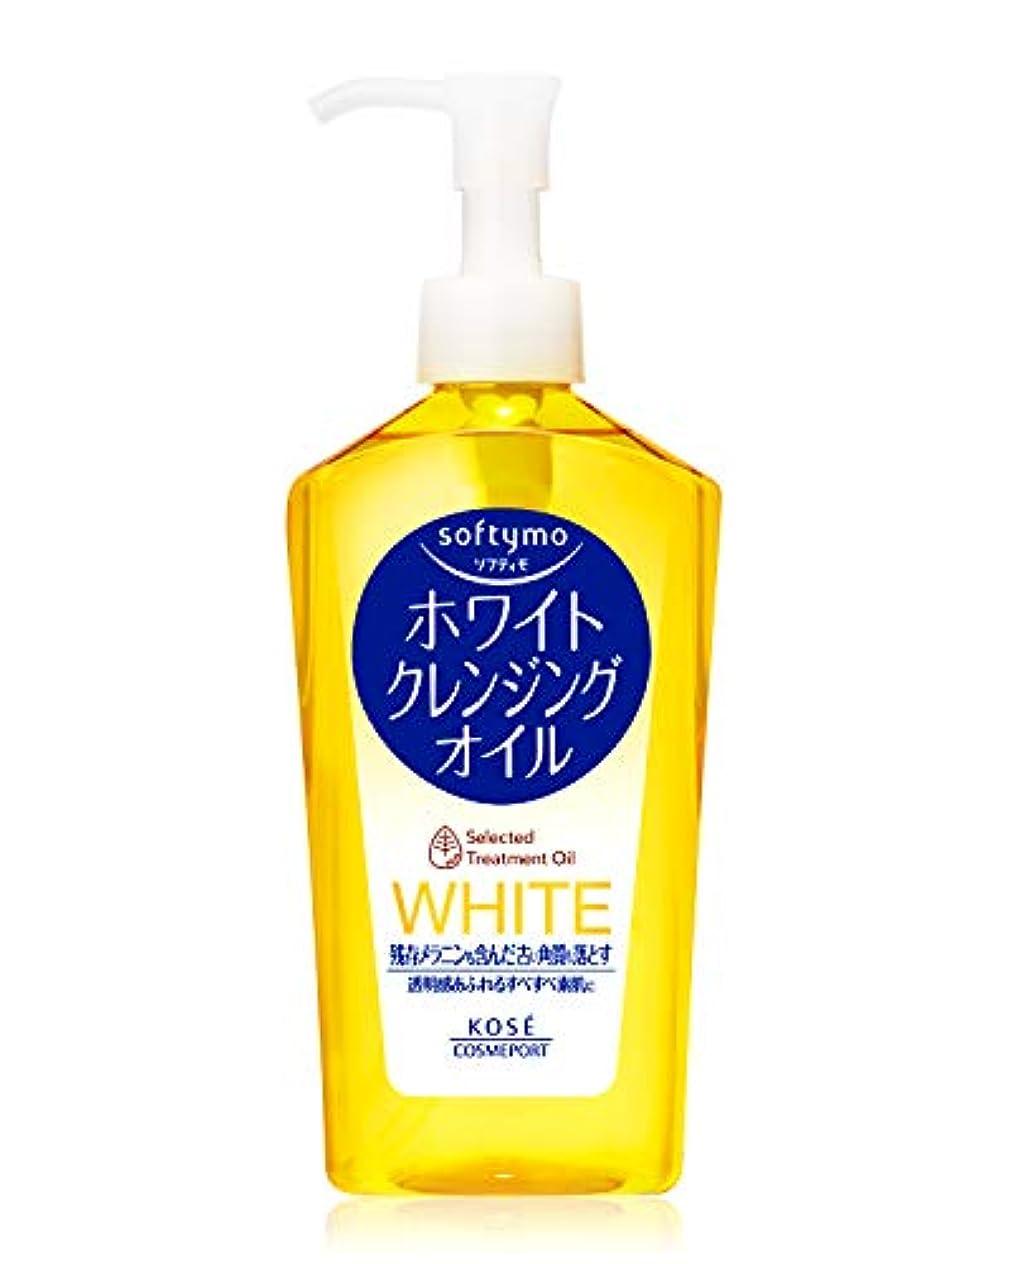 味わう一生つまらないソフティモ ホワイト クレンジングオイル 230ml